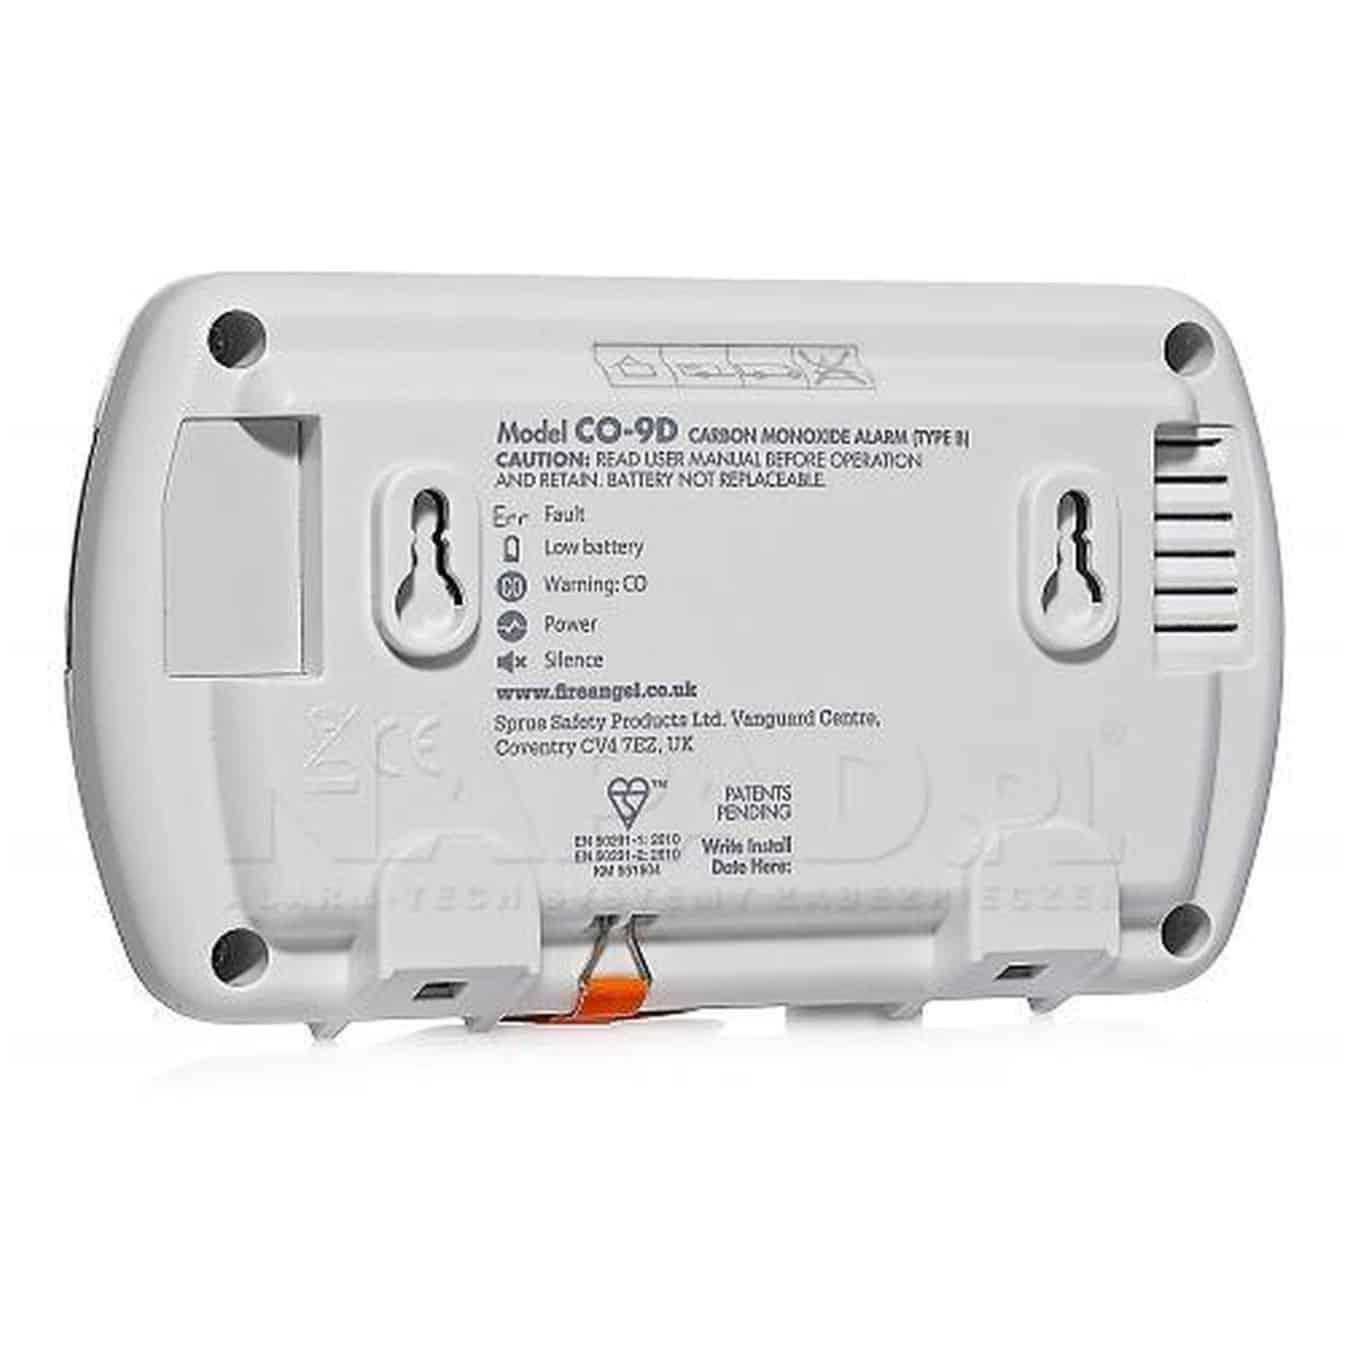 Koop FireAngel CO-9D BNLT Koolmonoxidemelder